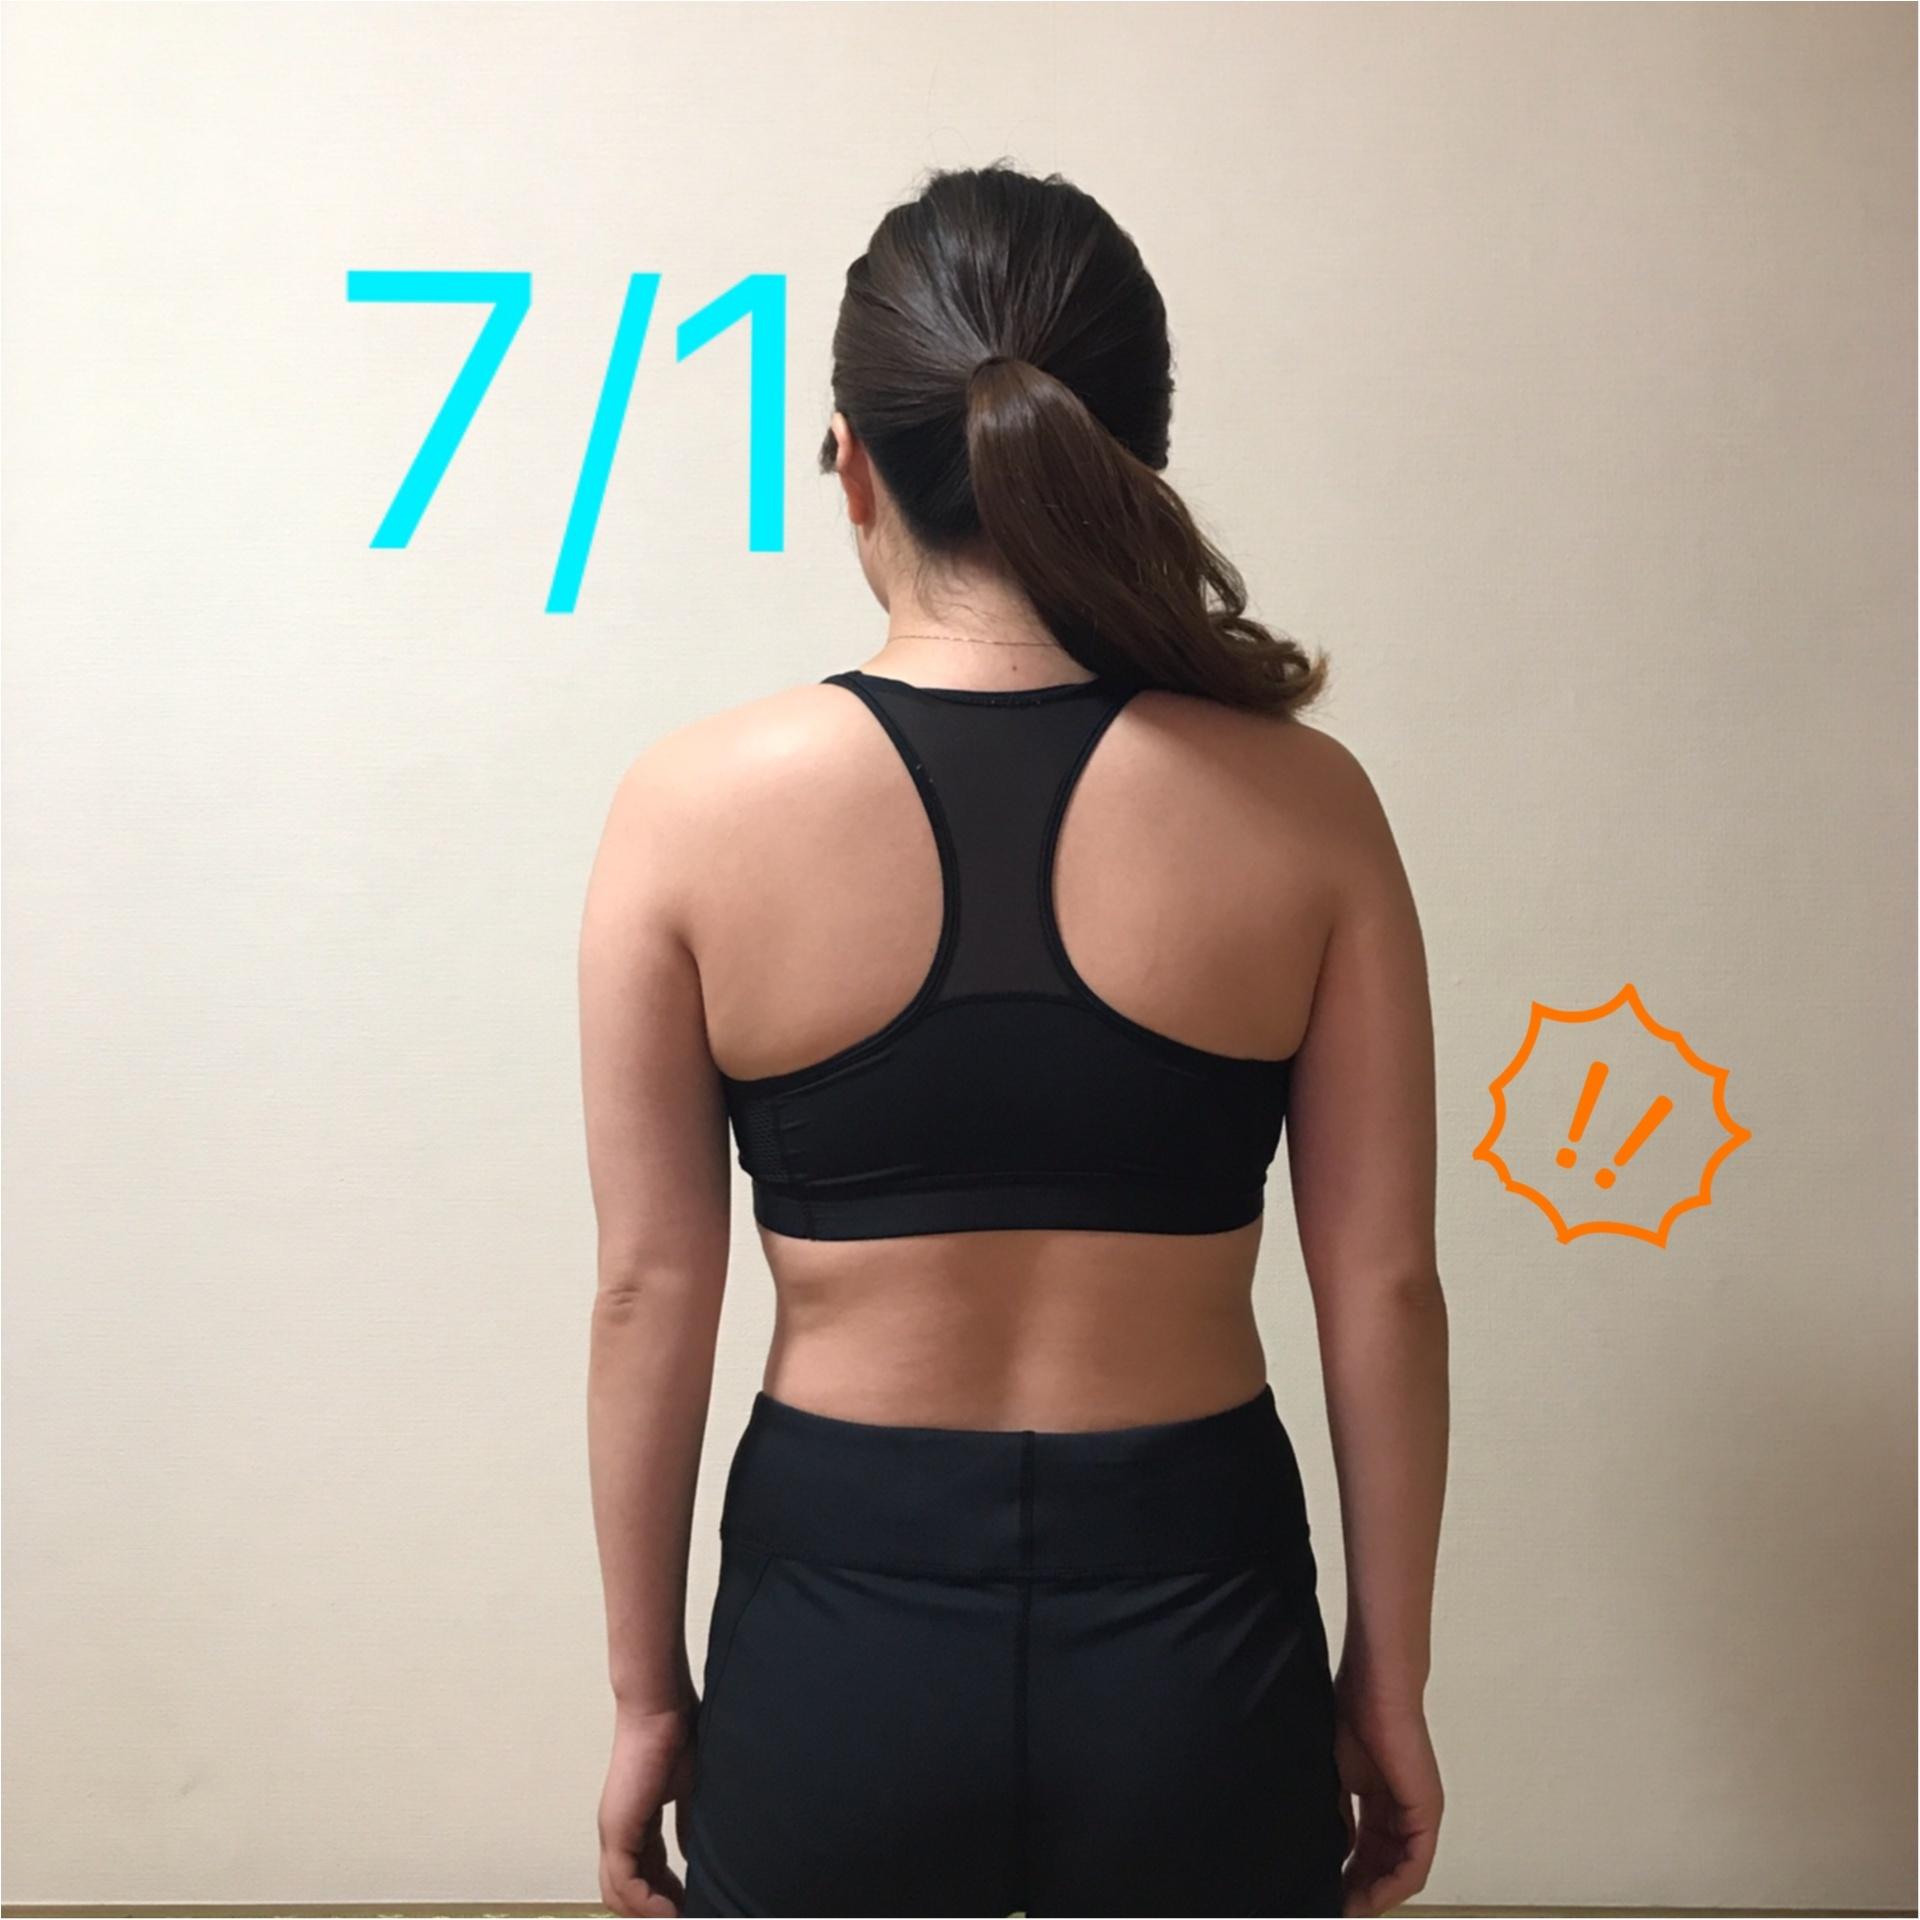 ダイエット開始から1ヶ月♪ 経過報告! マイナス1.3キロです♡【#モアチャレ 7キロ痩せ】_2_2